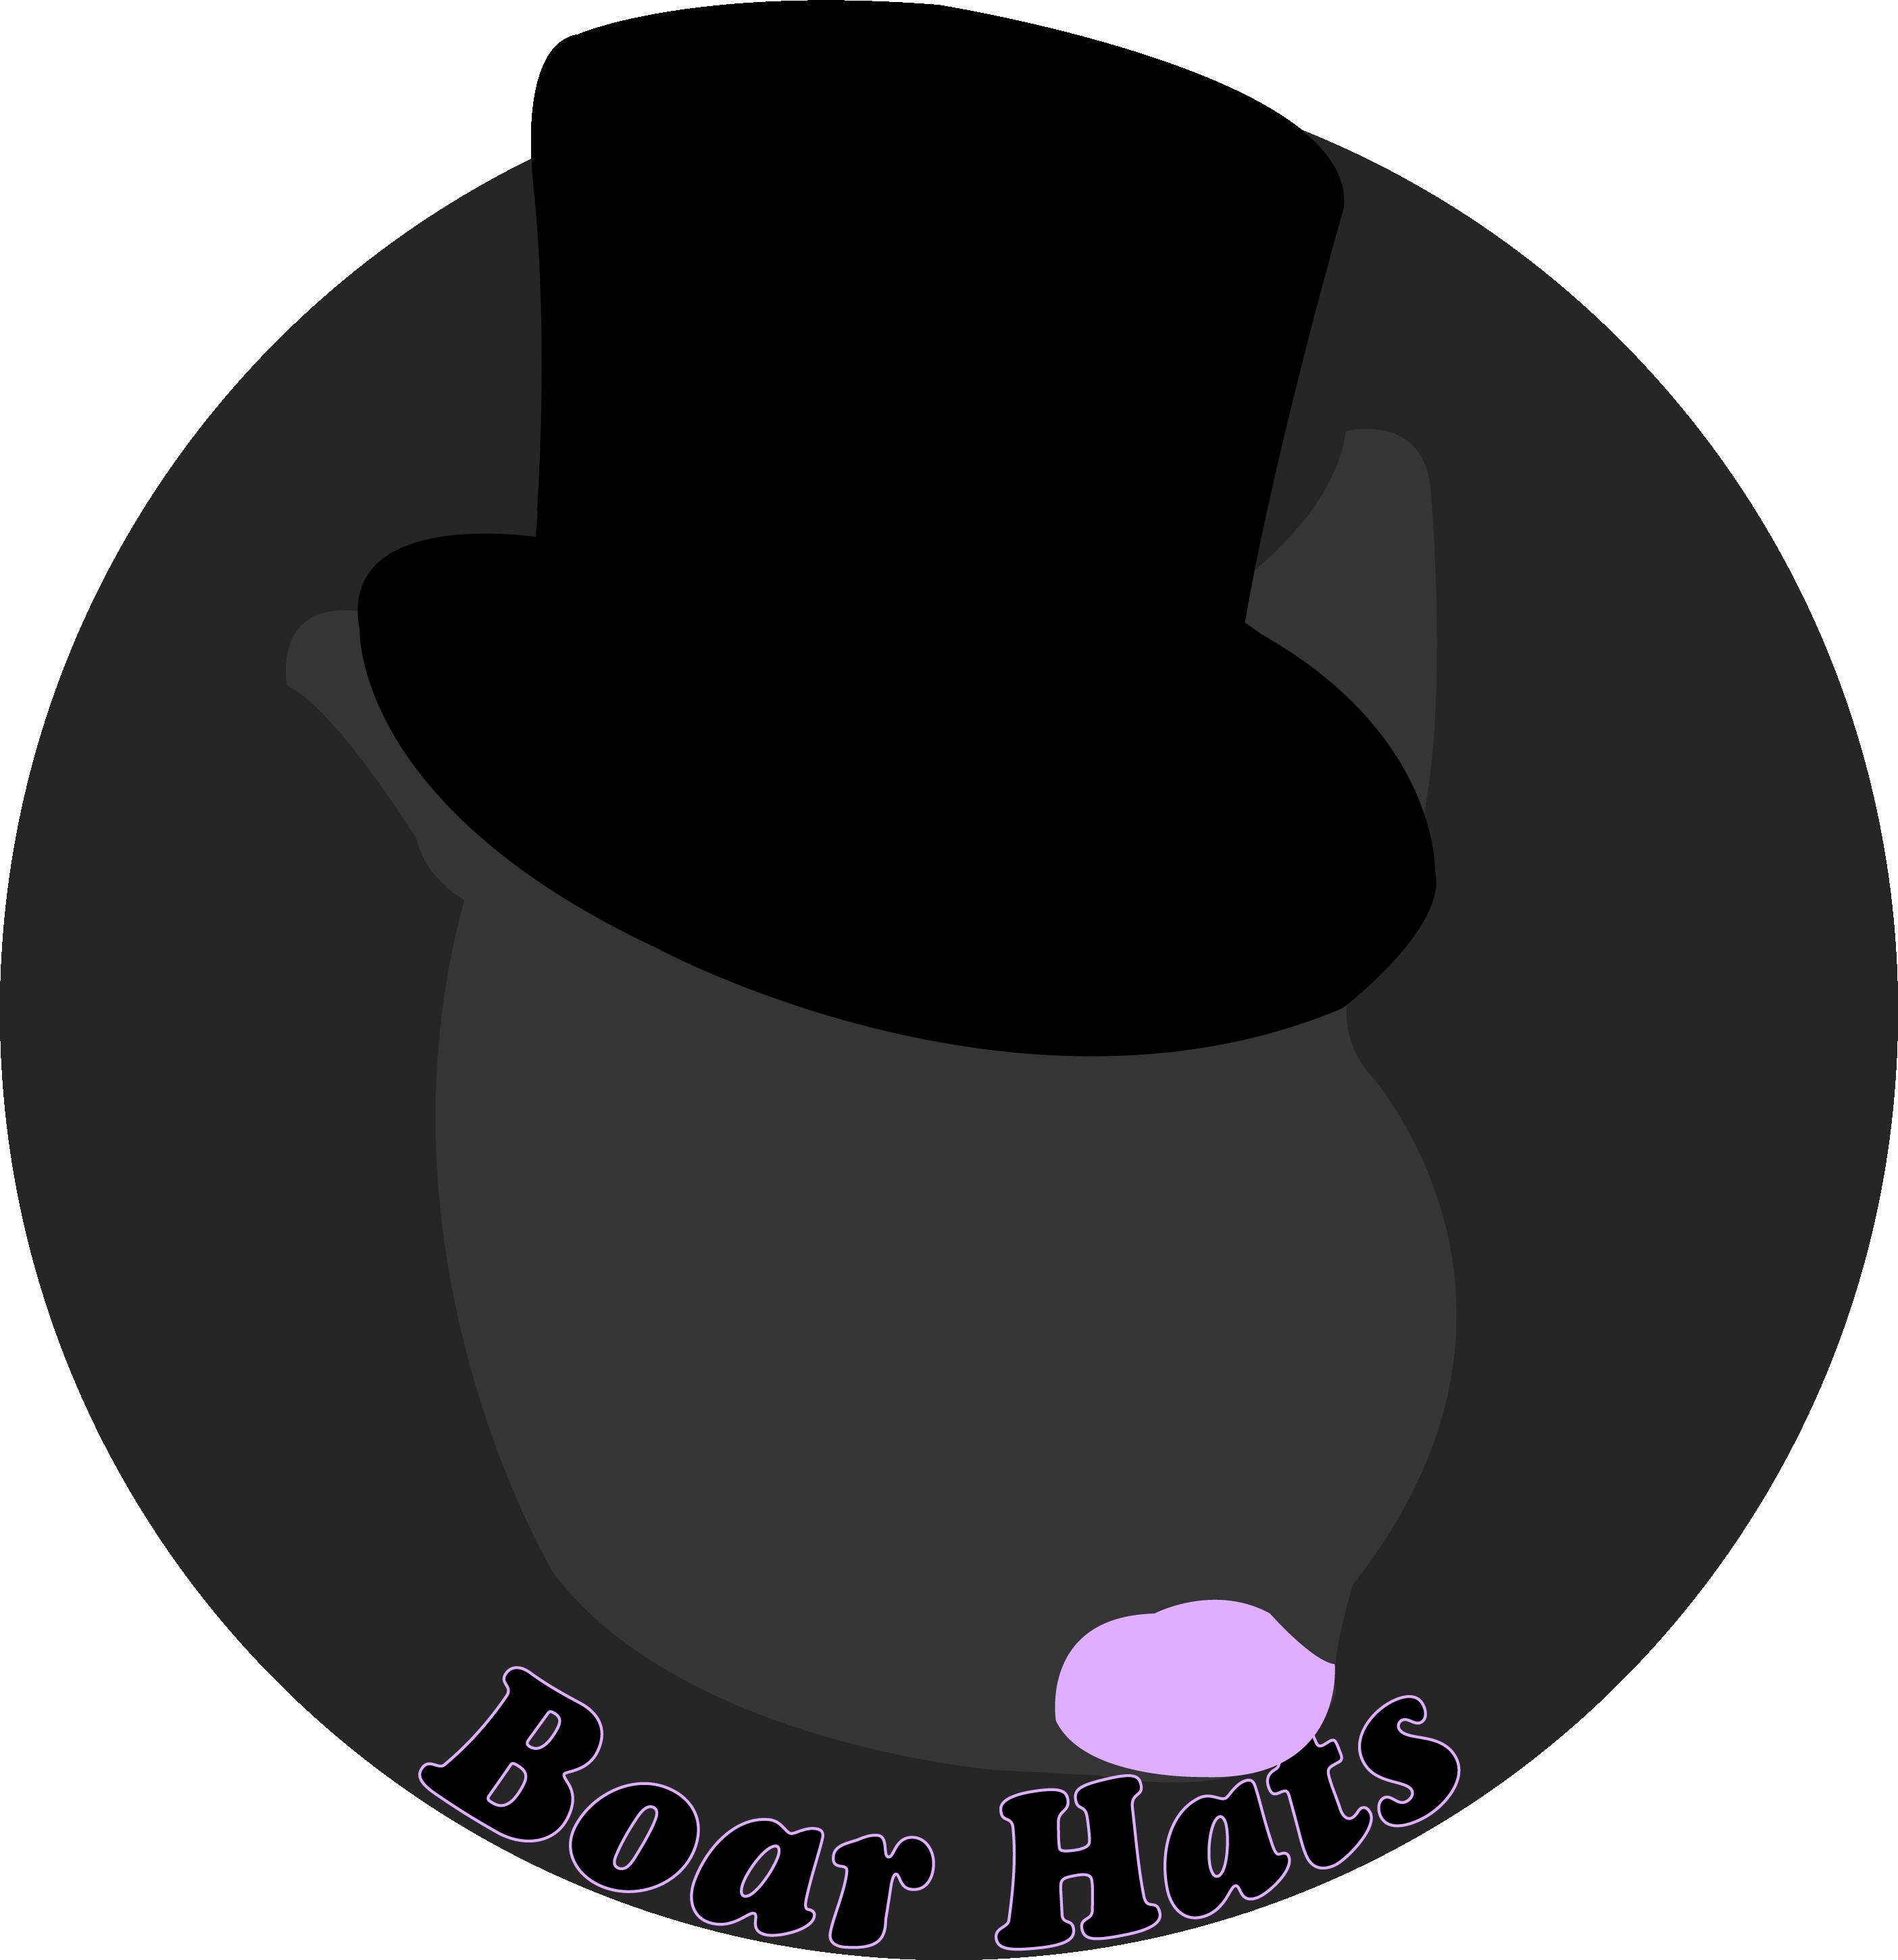 Boar Hats